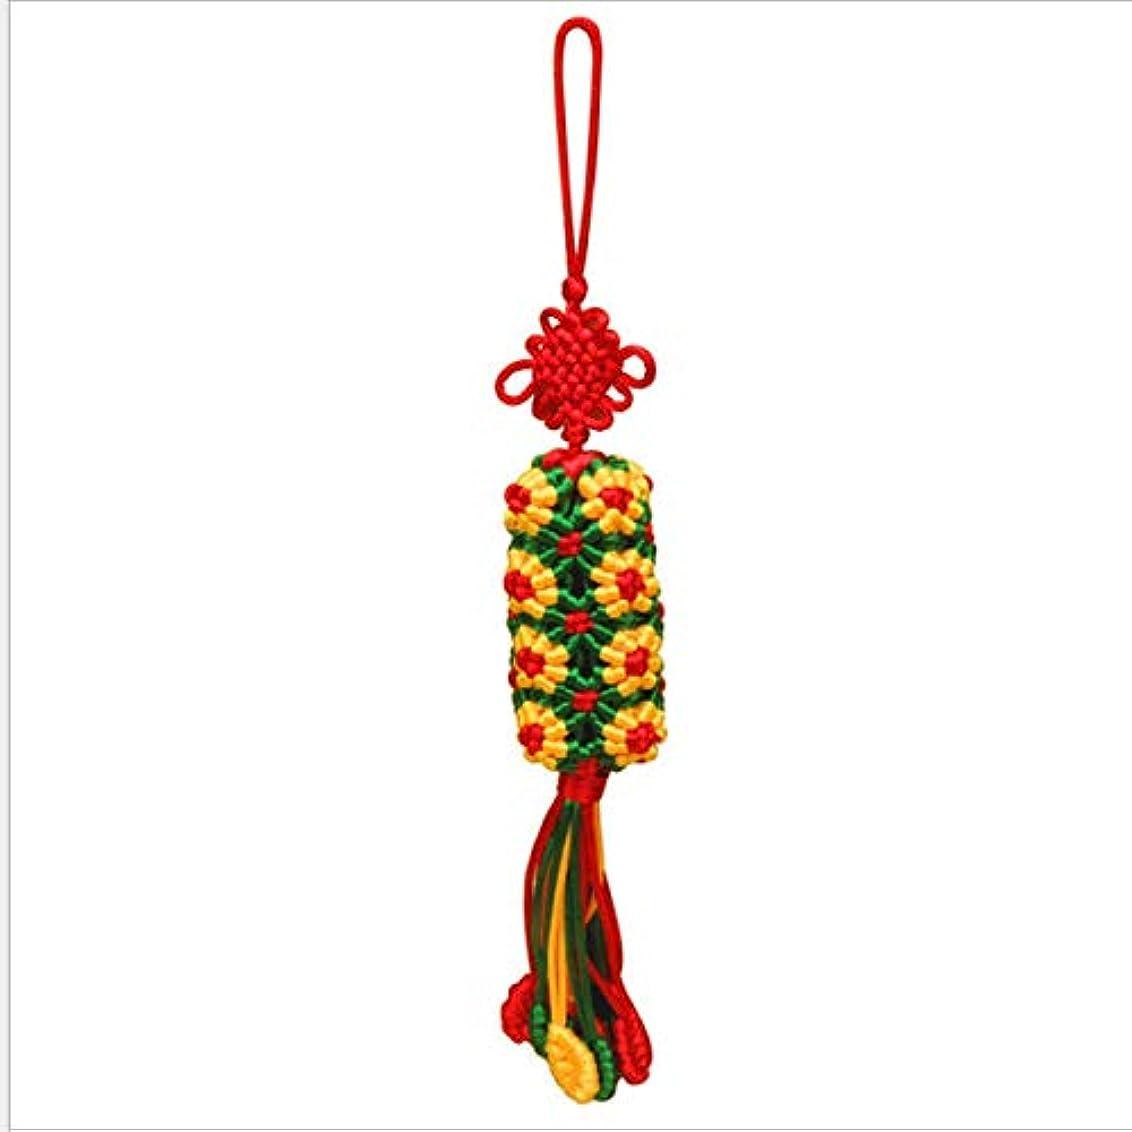 ナビゲーション換気商品Chengjinxiang 1パック、カラフルなロープの手編みの小さなペンダント、ひまわりのペンダント、フリンジサテンのチャイニーズノット(赤),クリエイティブギフト (Color : Red)